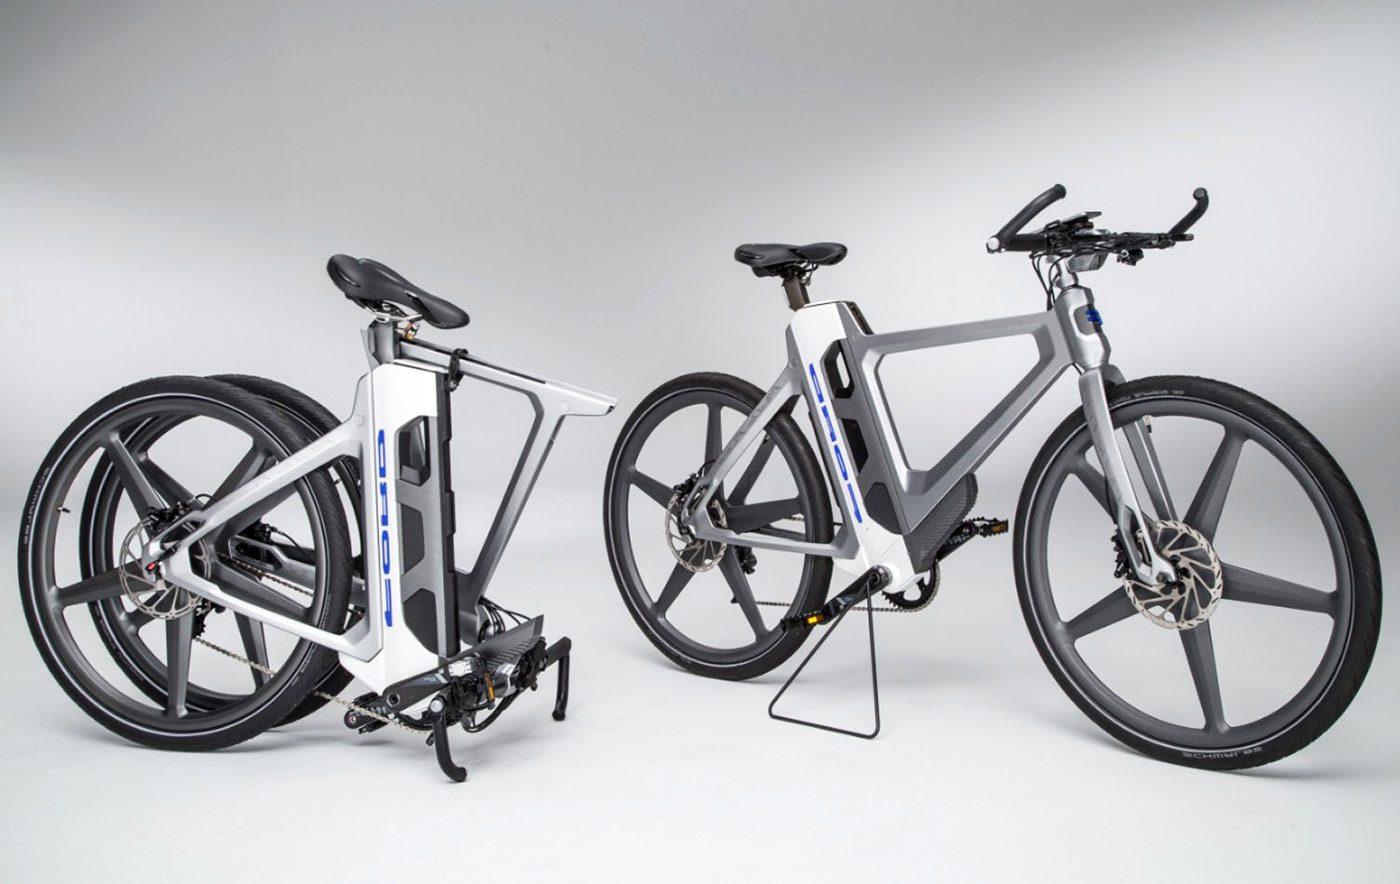 Le meilleur vélo électrique pliant : comparatif, test et avis